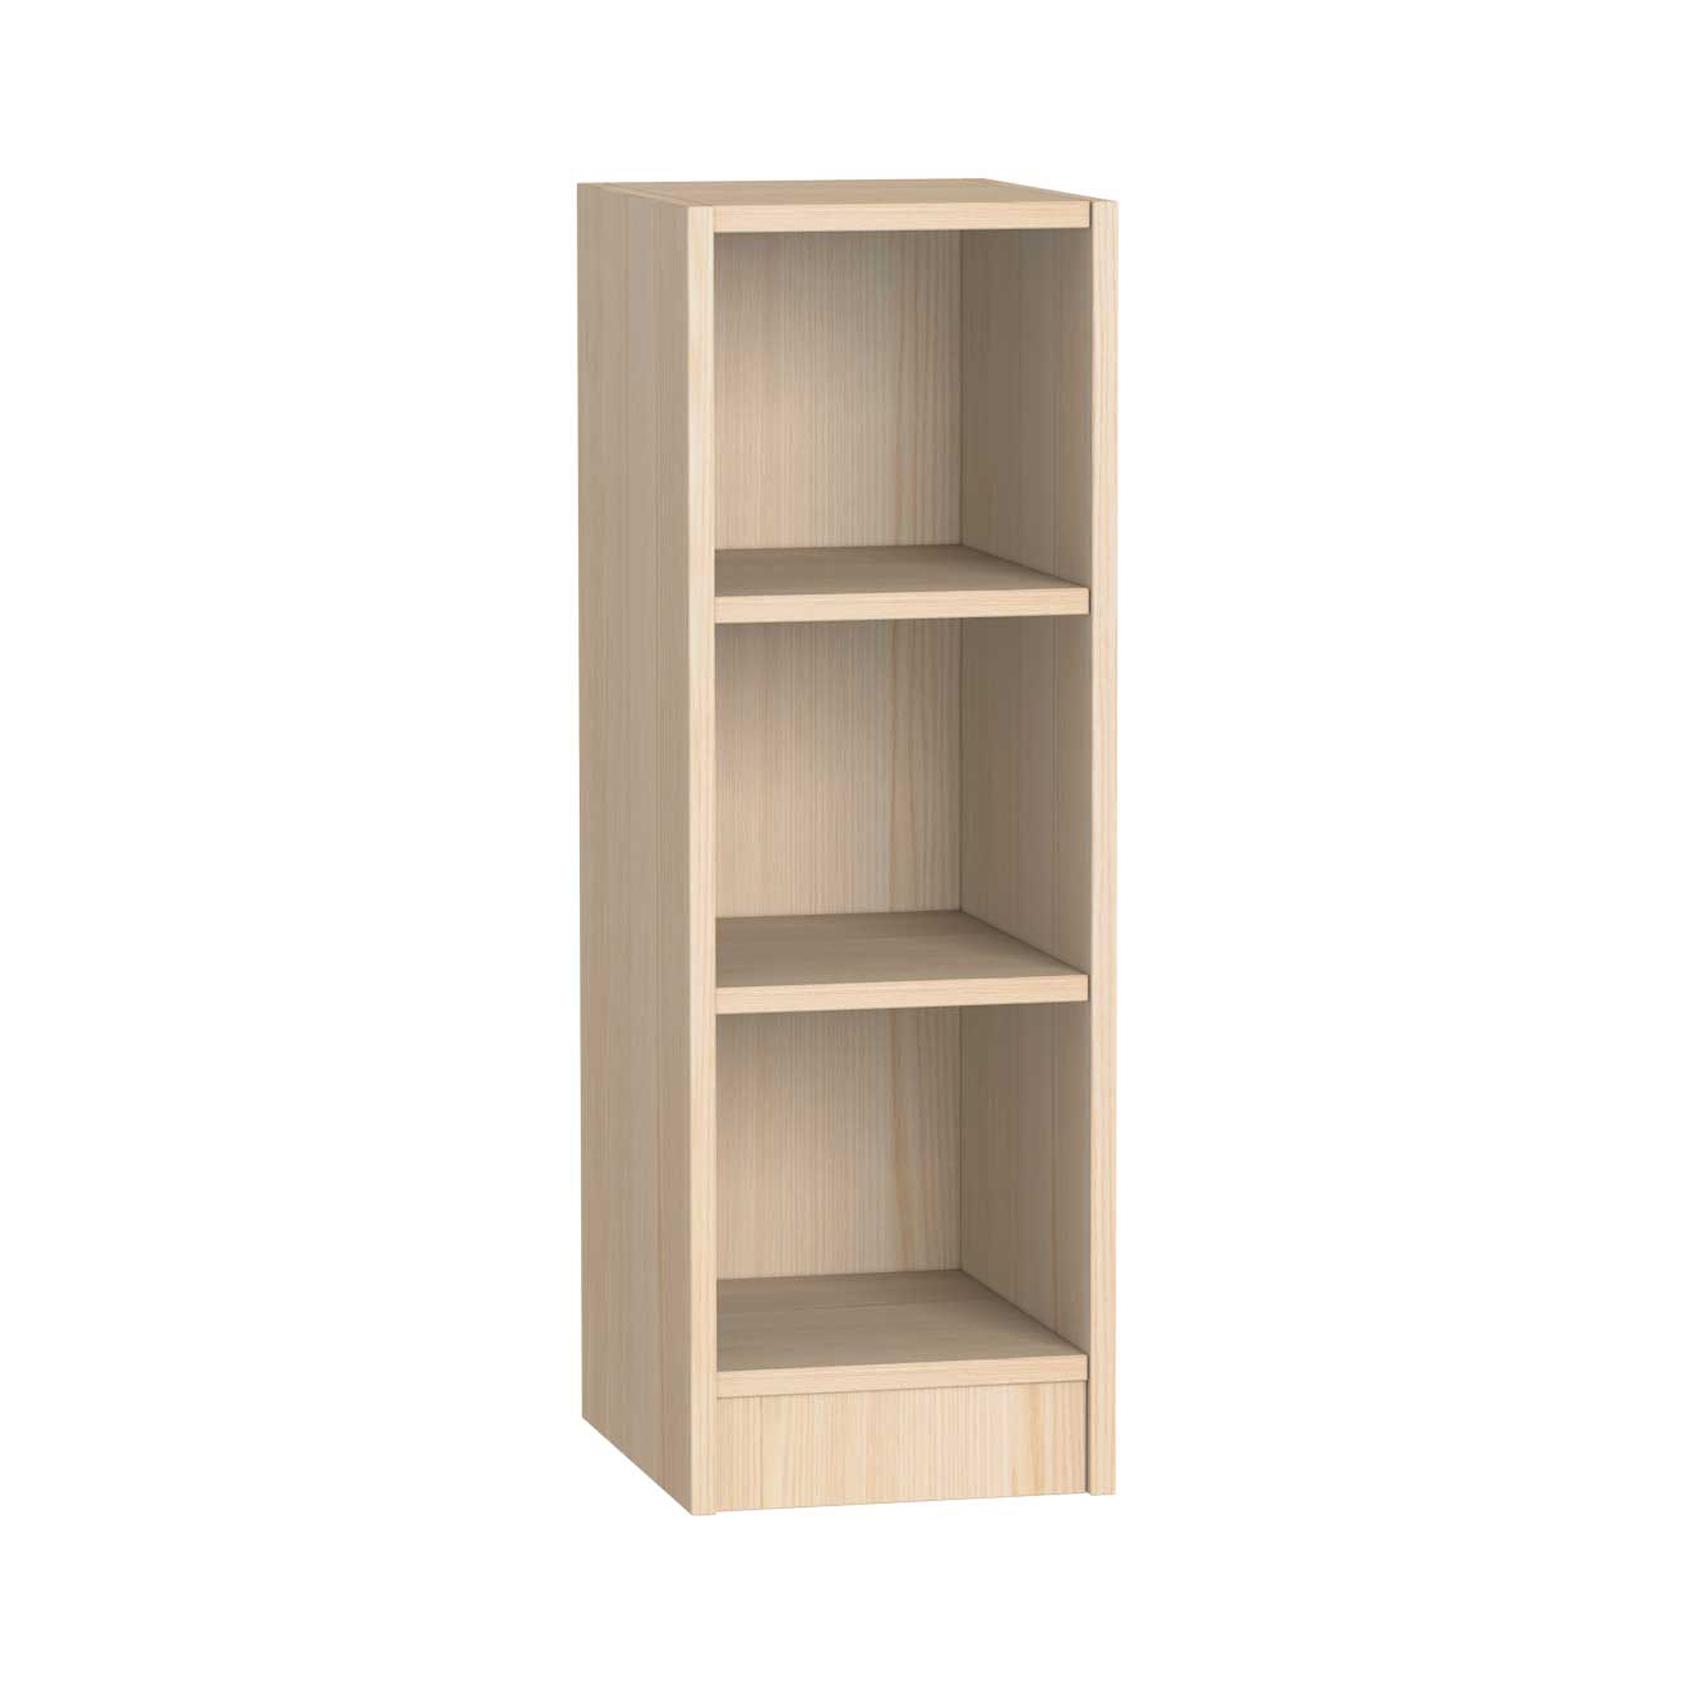 Etagère 3 niches enfant java en bois Blanc 30x36x89